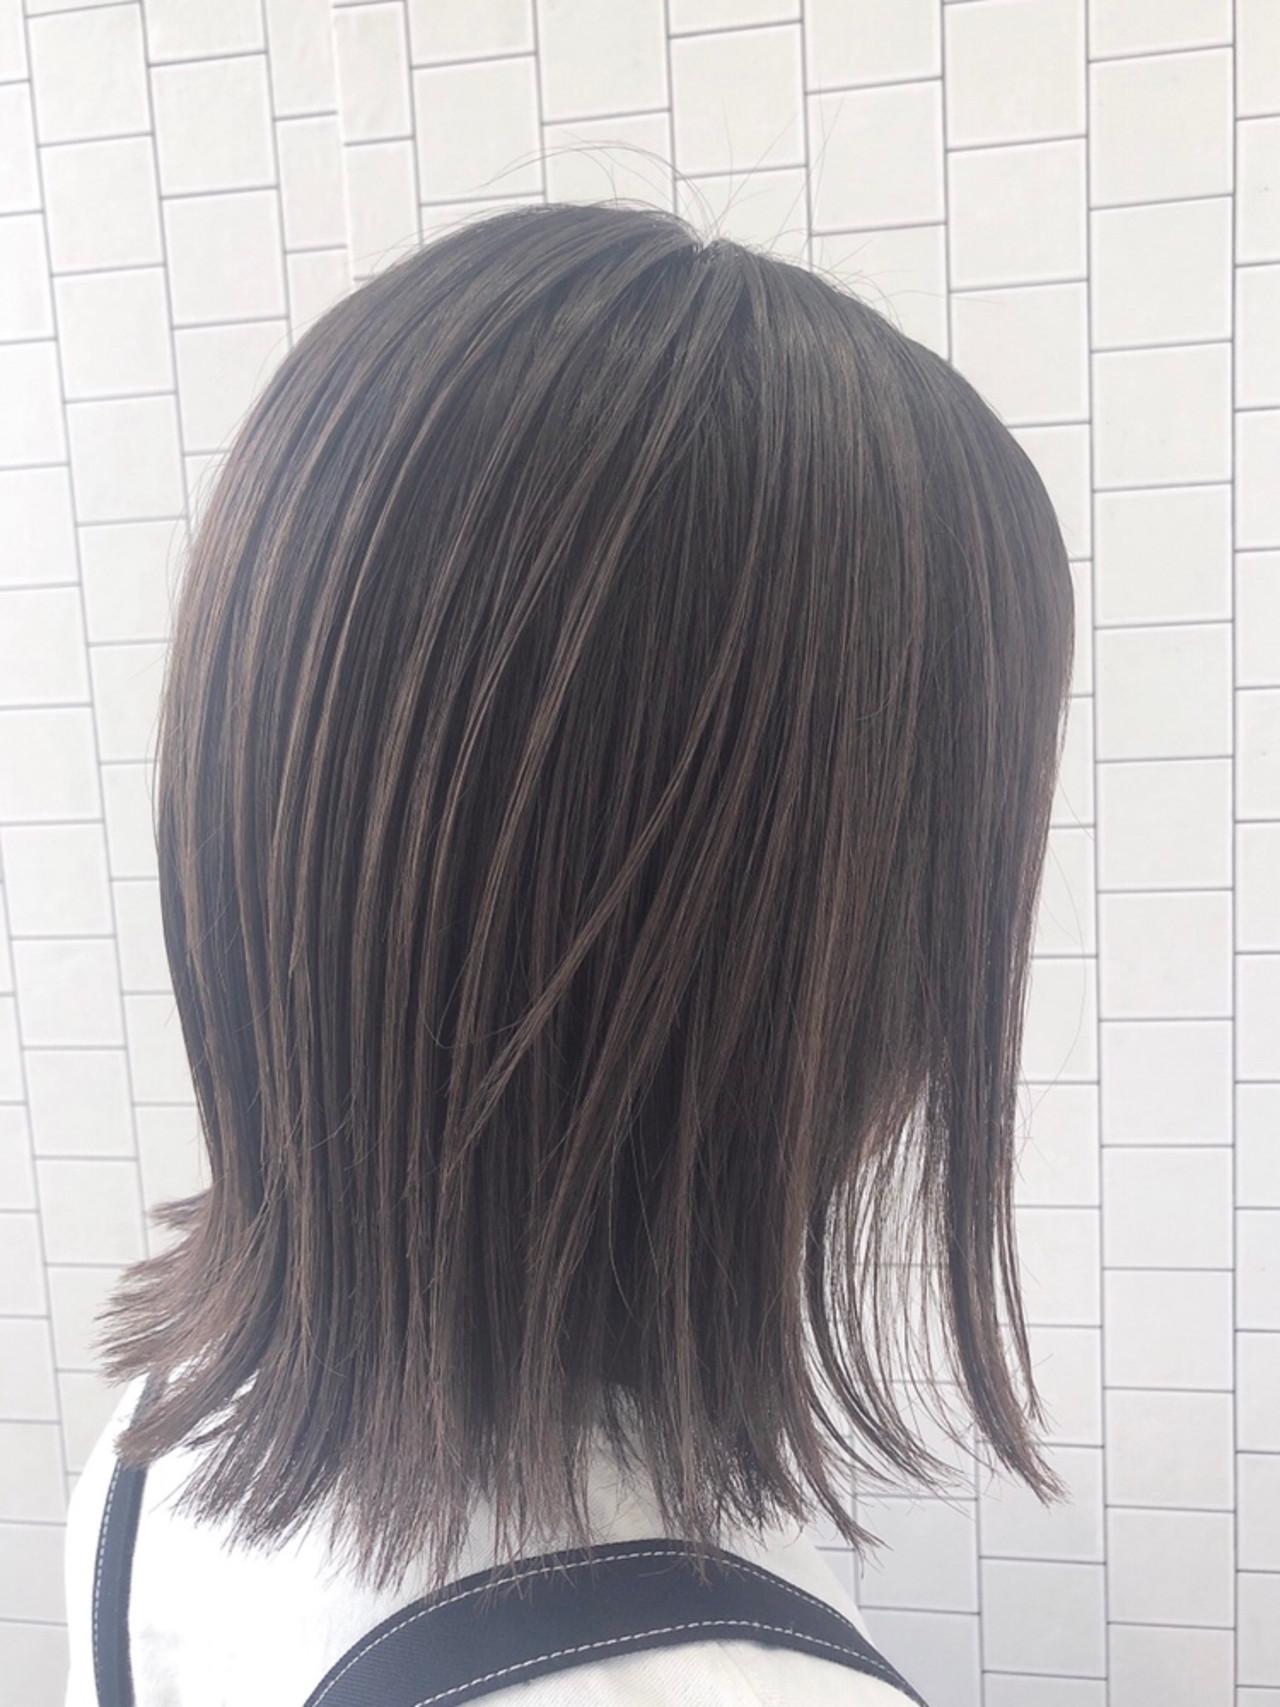 ボブ ブリーチカラー 透明感カラー イルミナカラー ヘアスタイルや髪型の写真・画像